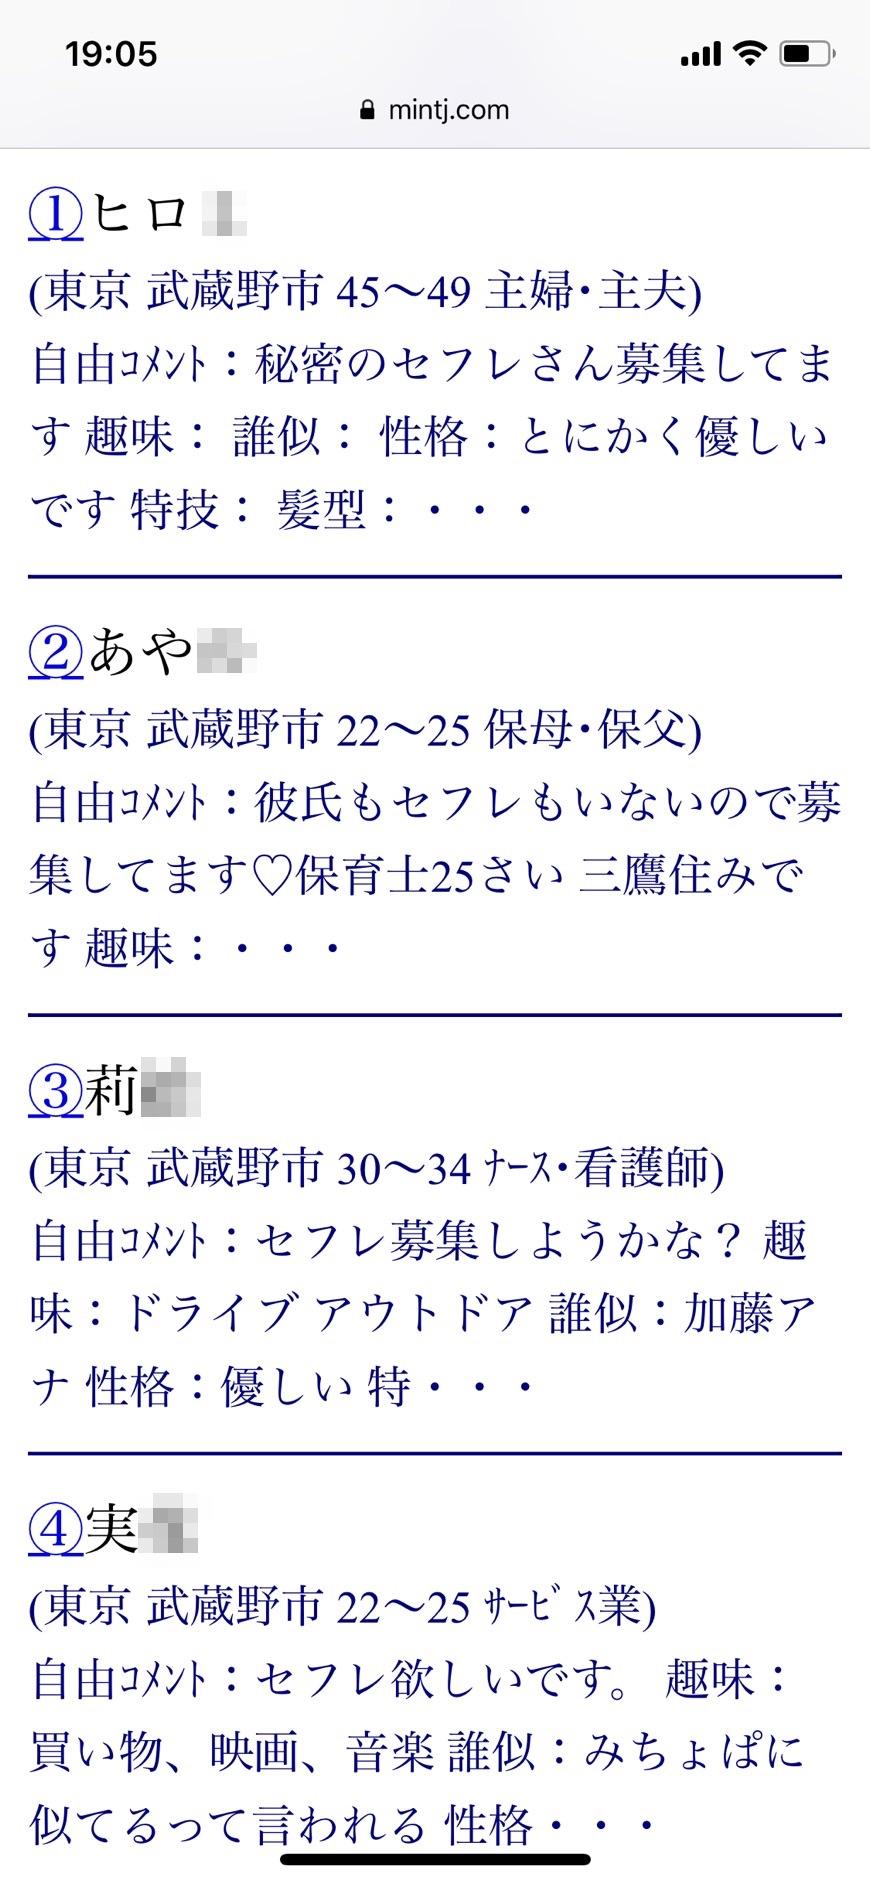 吉祥寺・セフレ希望(Jメール)